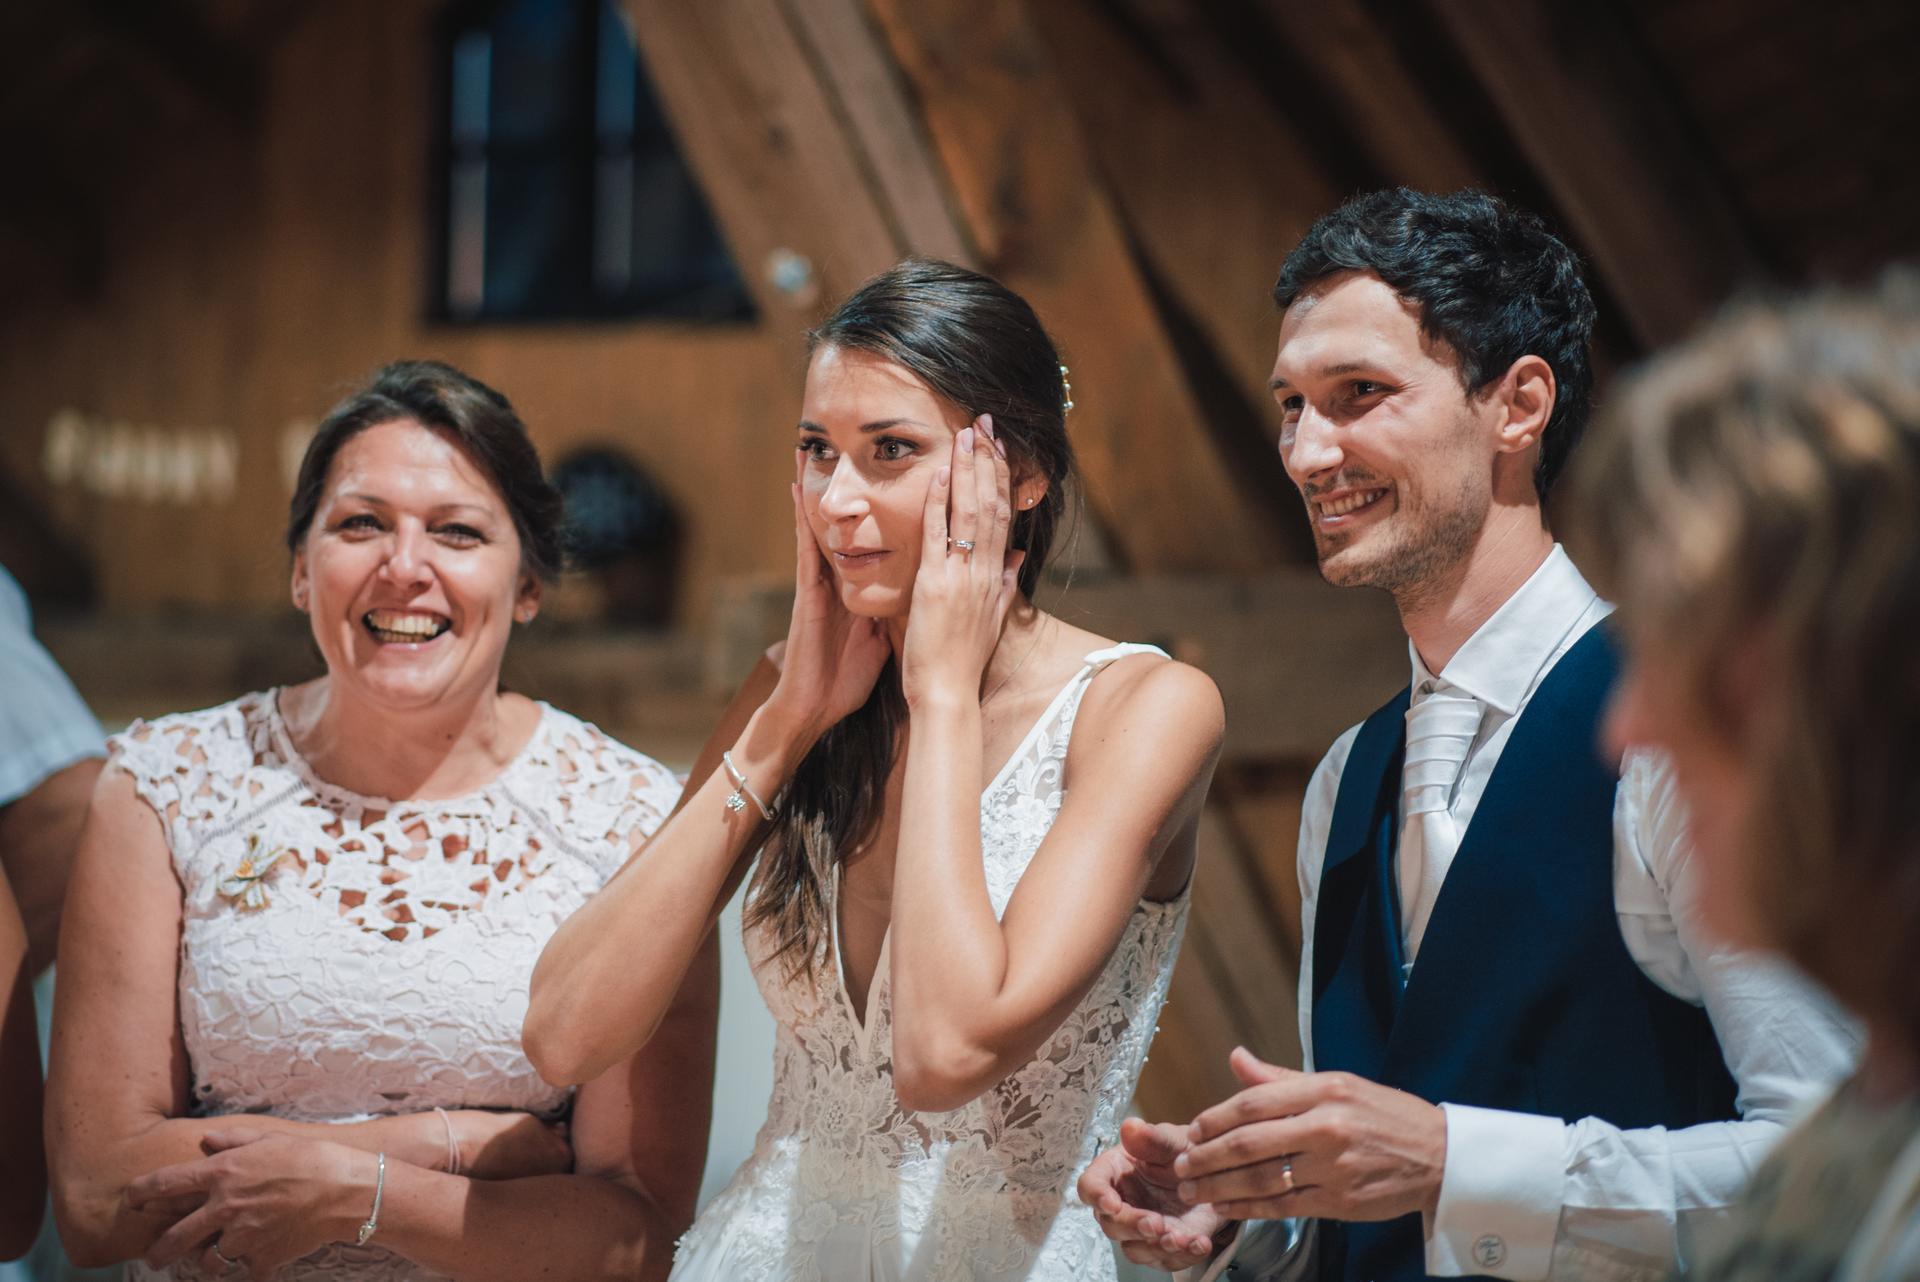 Další fotky z naší svatby - Můj výraz u vystoupení iluzionisty a kouzelníka Radka Bakaláře.